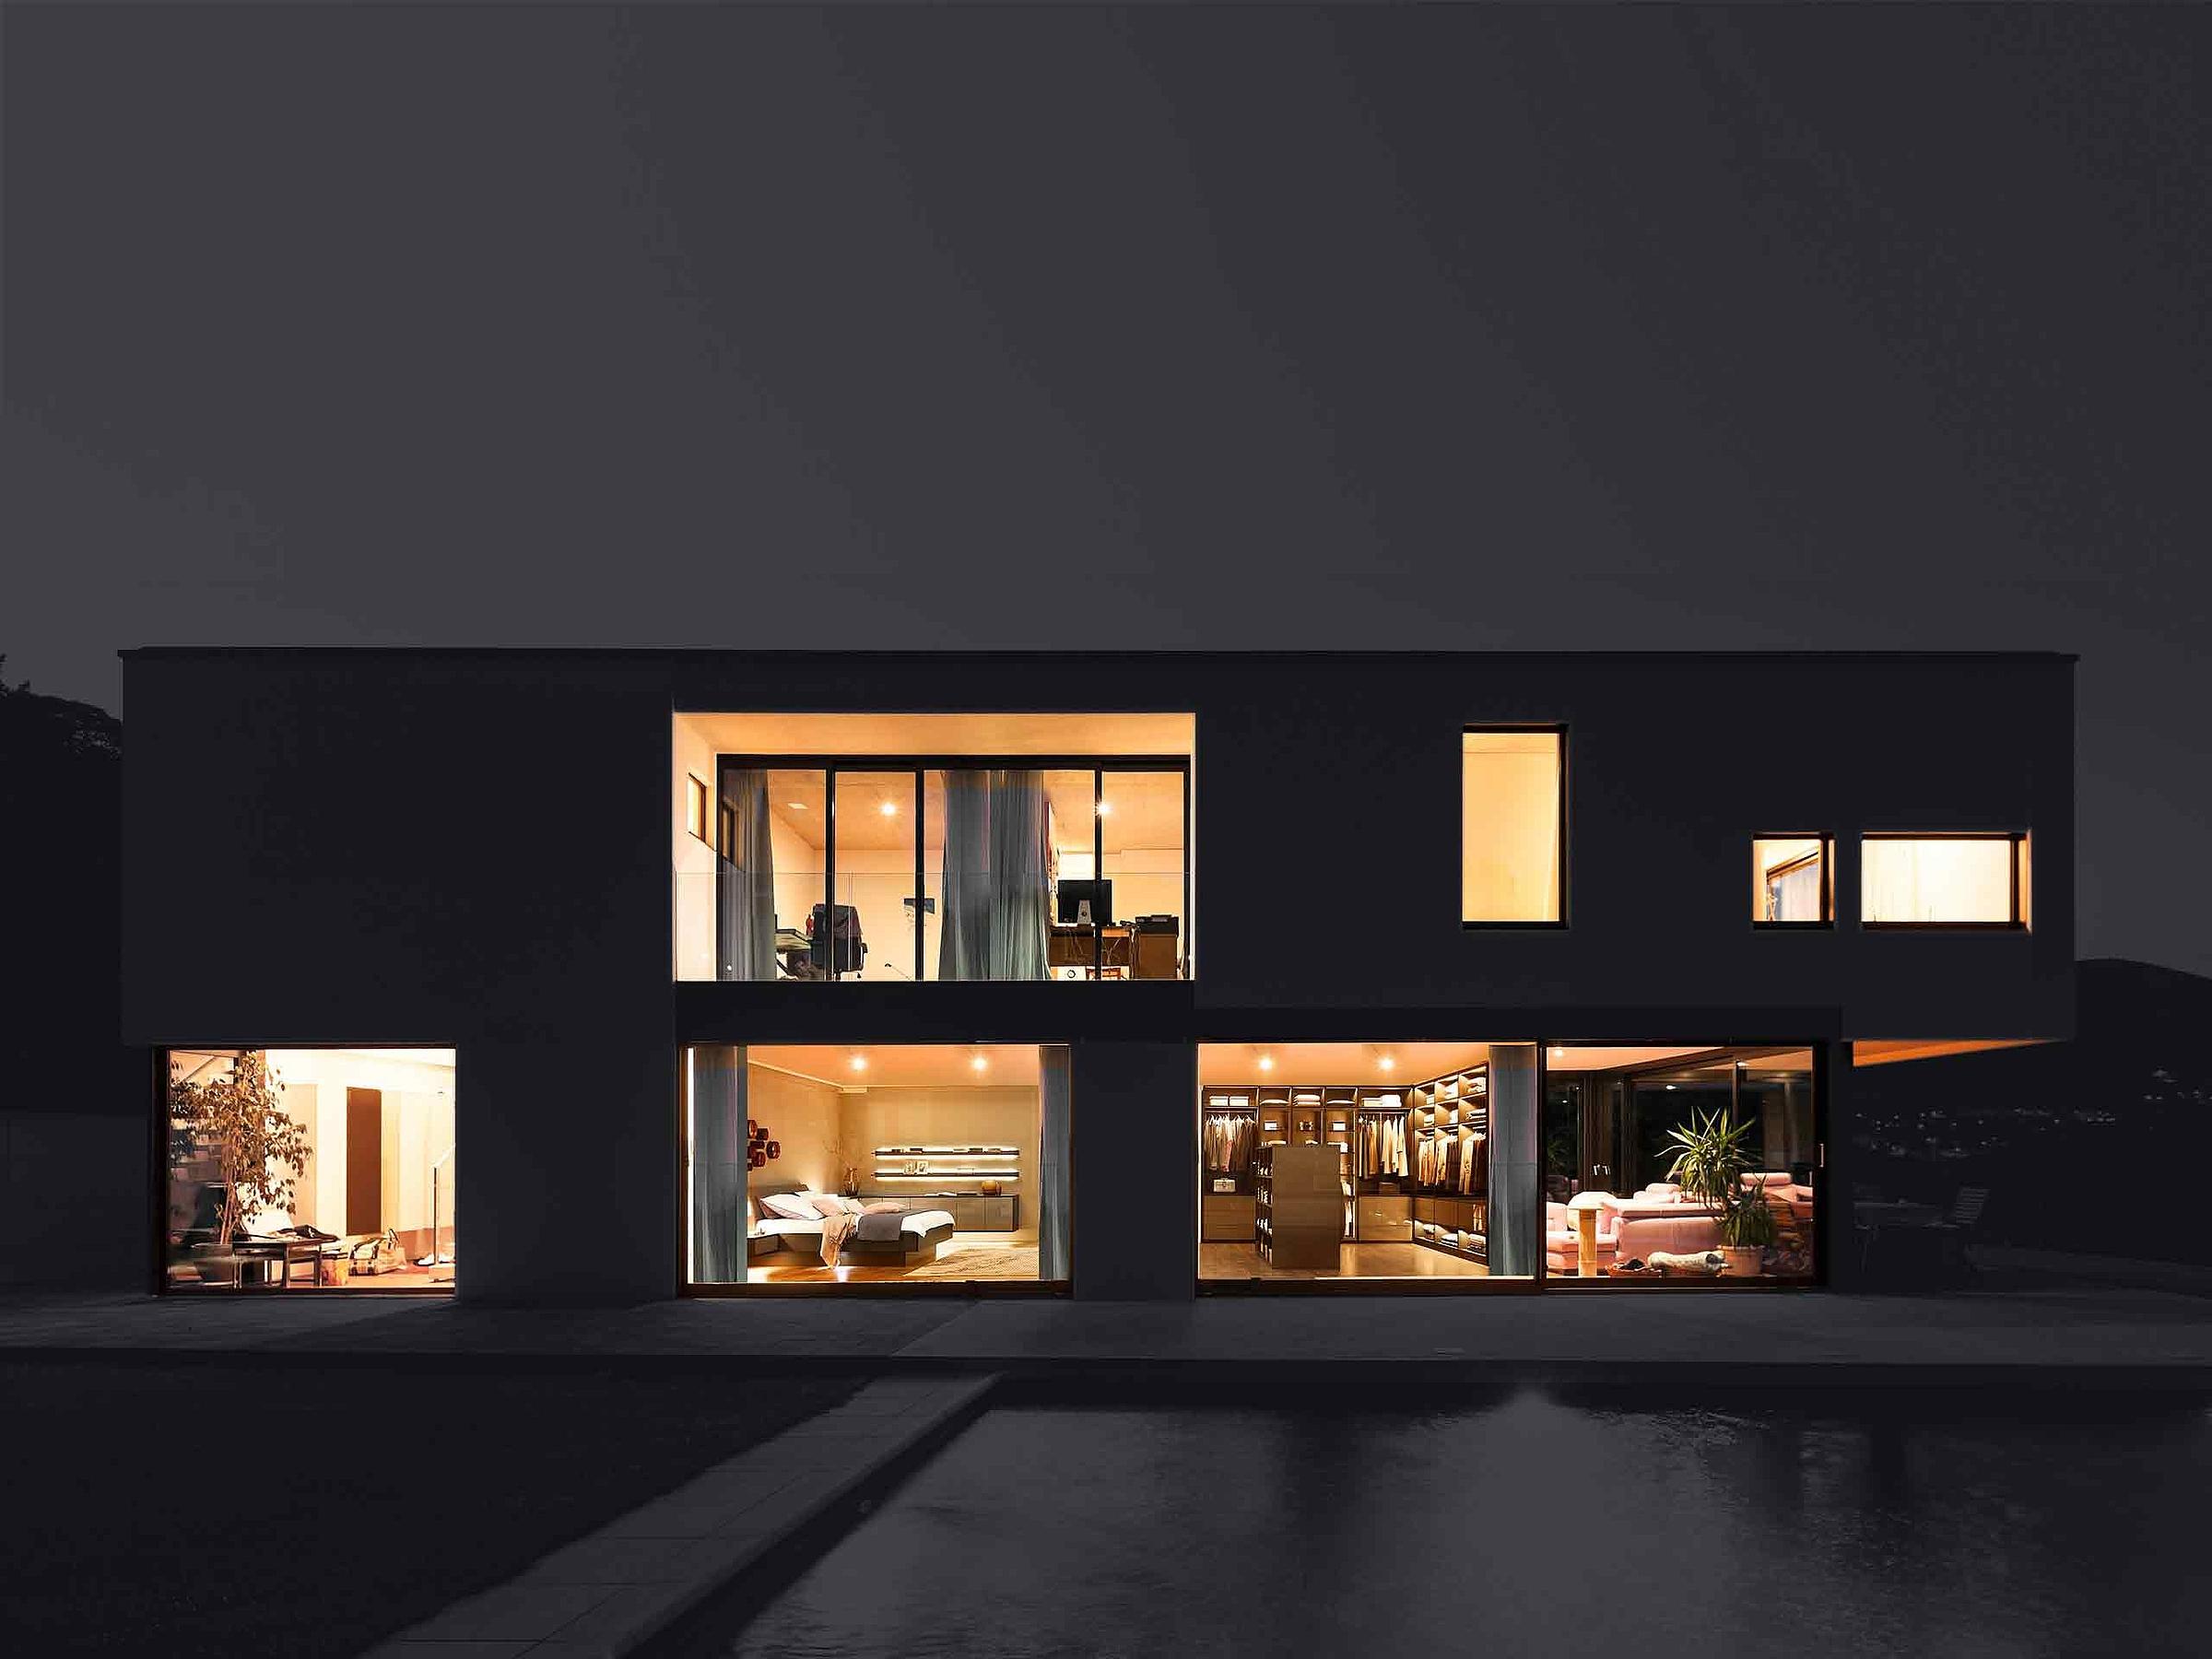 RMW Kompletteinrichtung Wohnzimmer Esszimmer